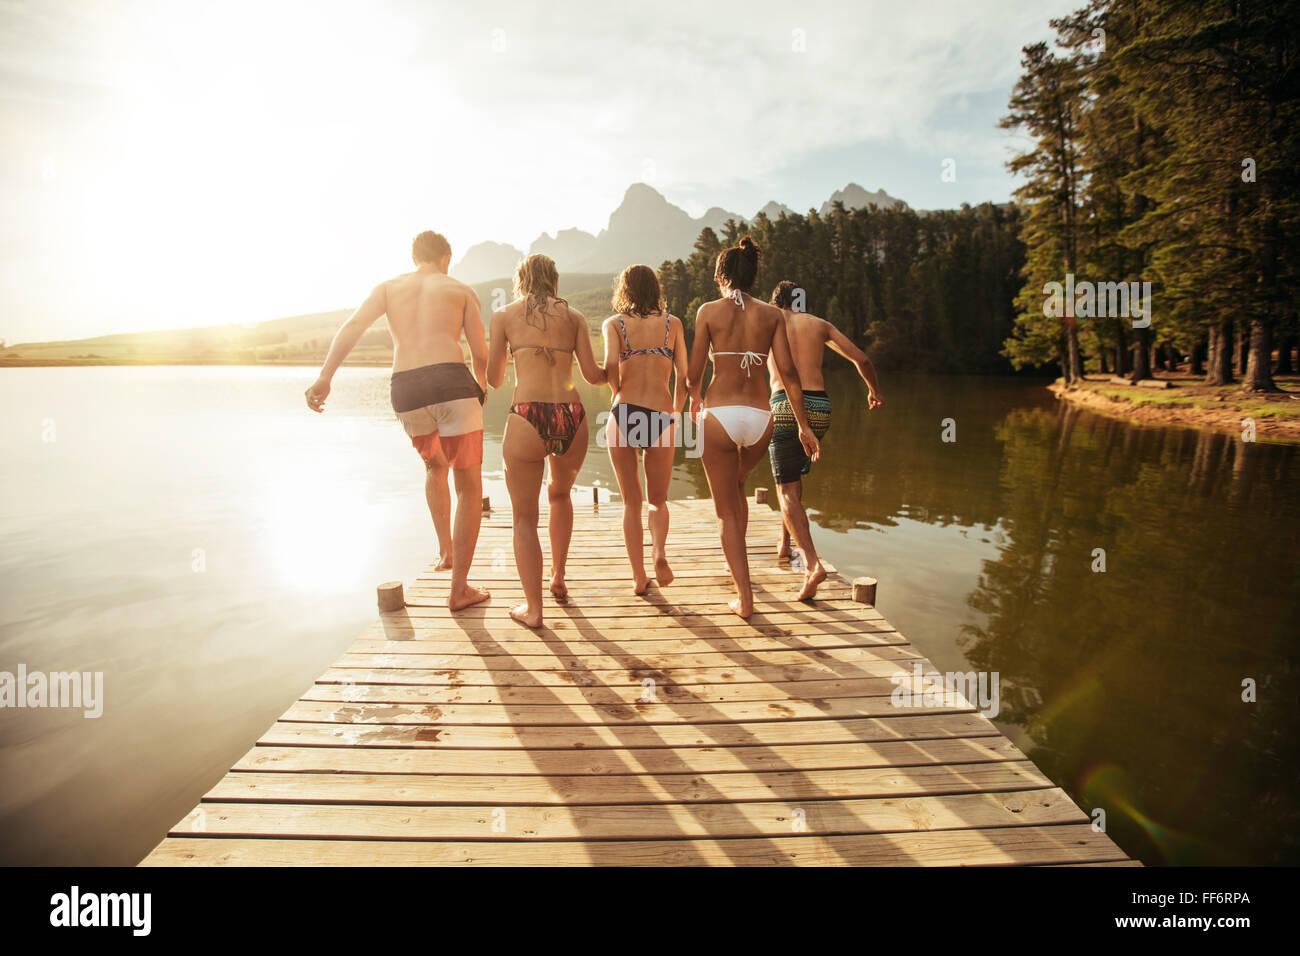 Retrato de jóvenes amigos a punto de saltar en el lago en un día soleado. Los jóvenes se ejecuta Imagen De Stock